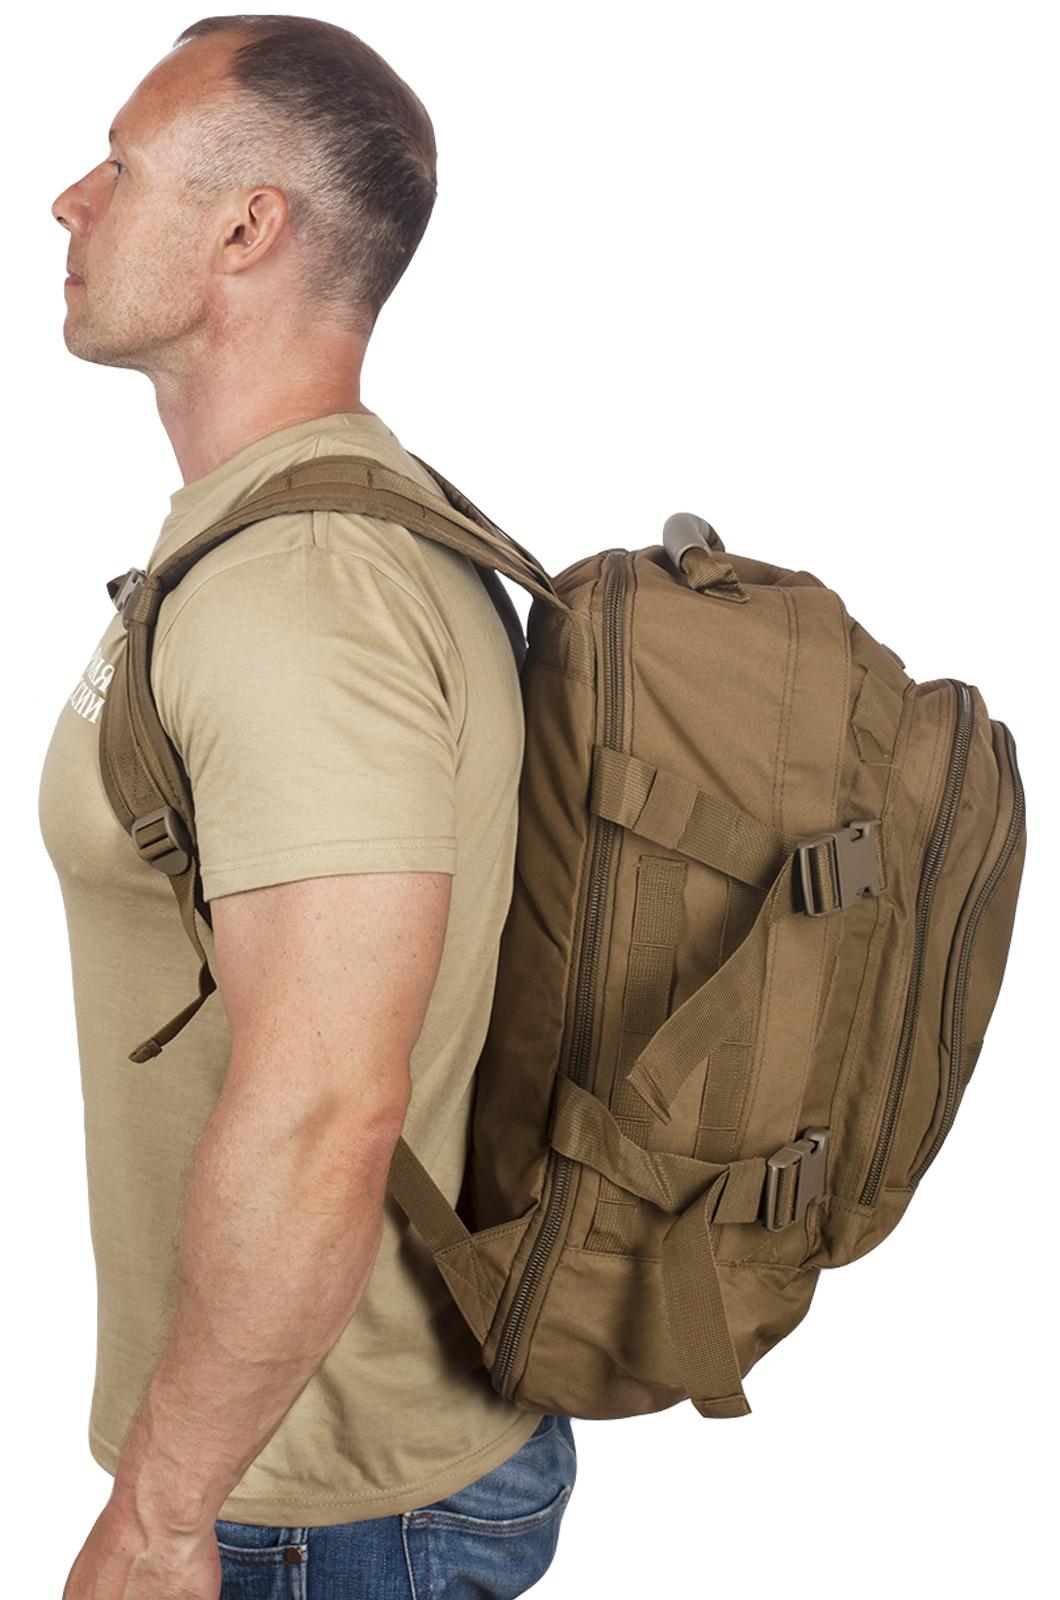 Мужской военный рюкзак с нашивкой Пограничной службы - заказать оптом